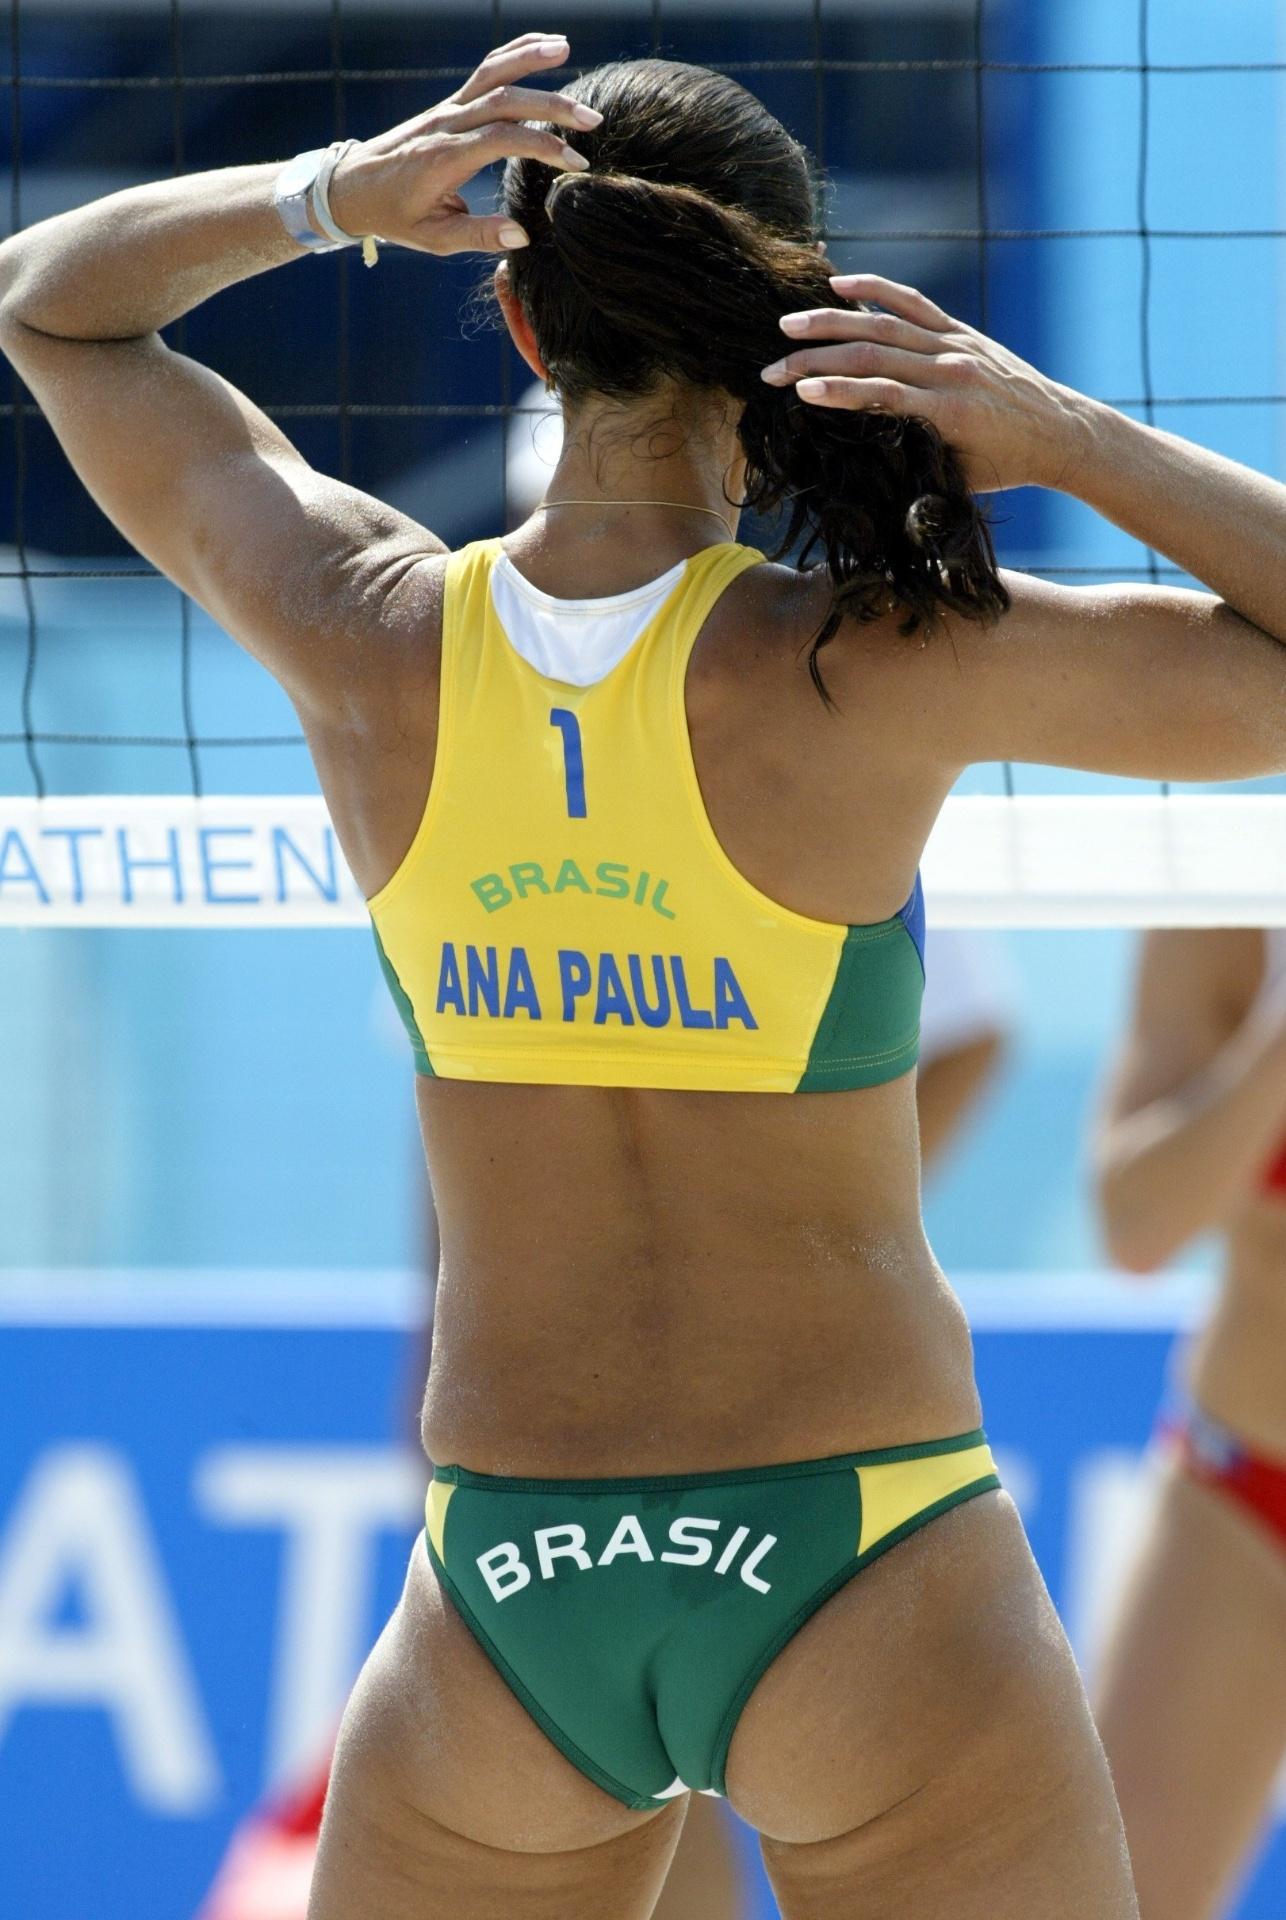 Modelo mais cavado de Ana Paula na Olimpíada de 2004. Cada vez mais uma tendência